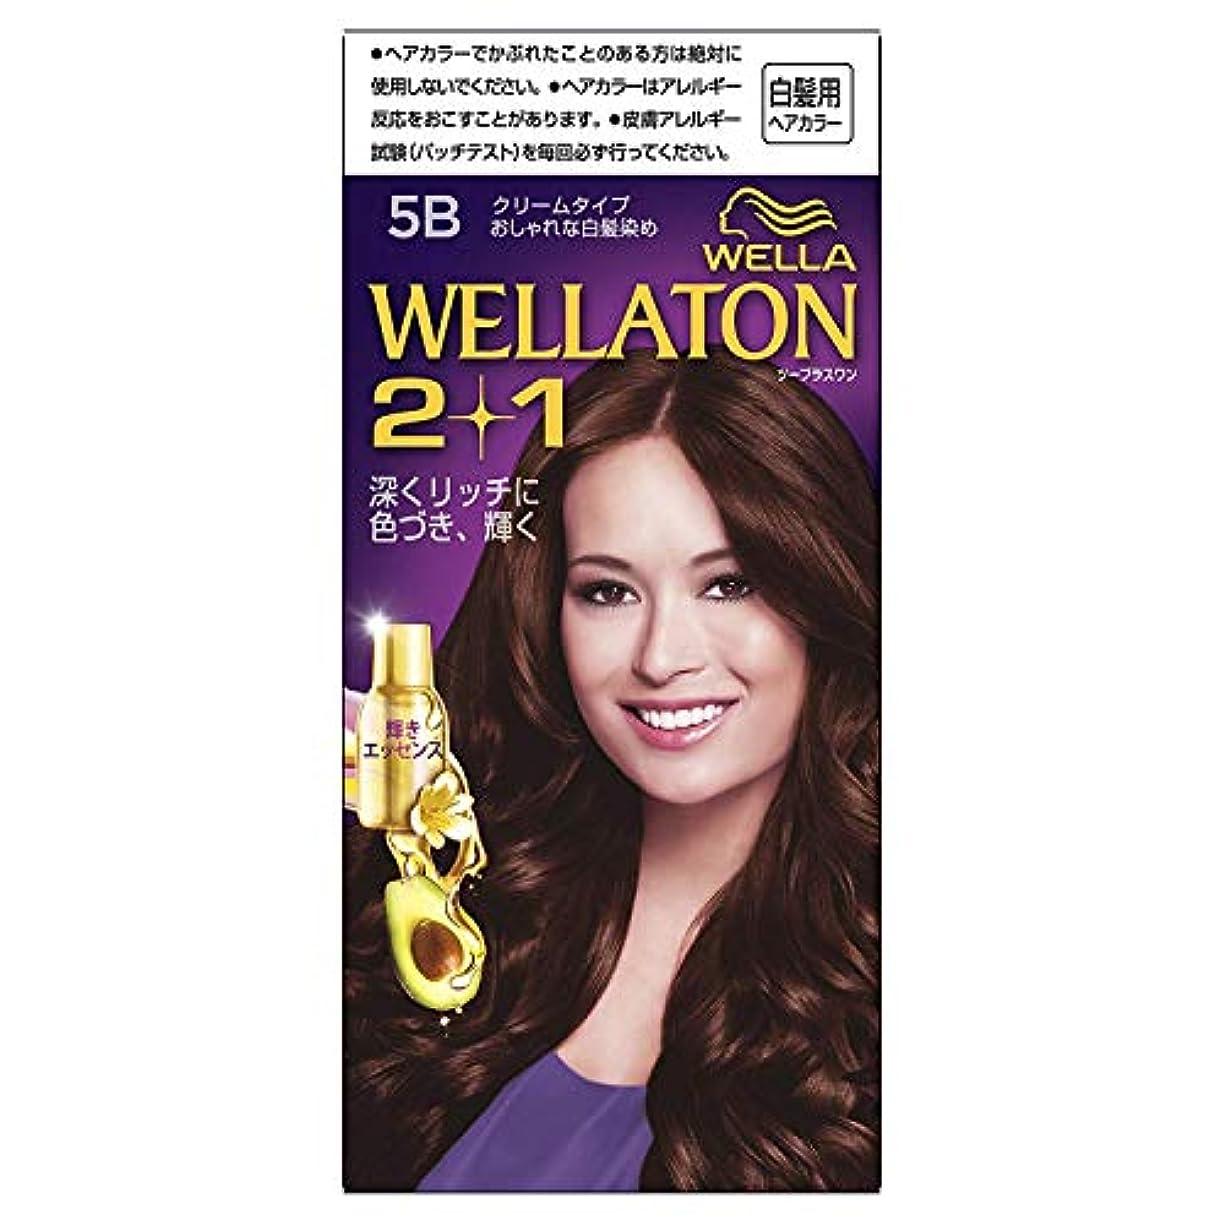 助けになるラベル地理ウエラトーン2+1 白髪染め クリームタイプ 5B [医薬部外品]×6個